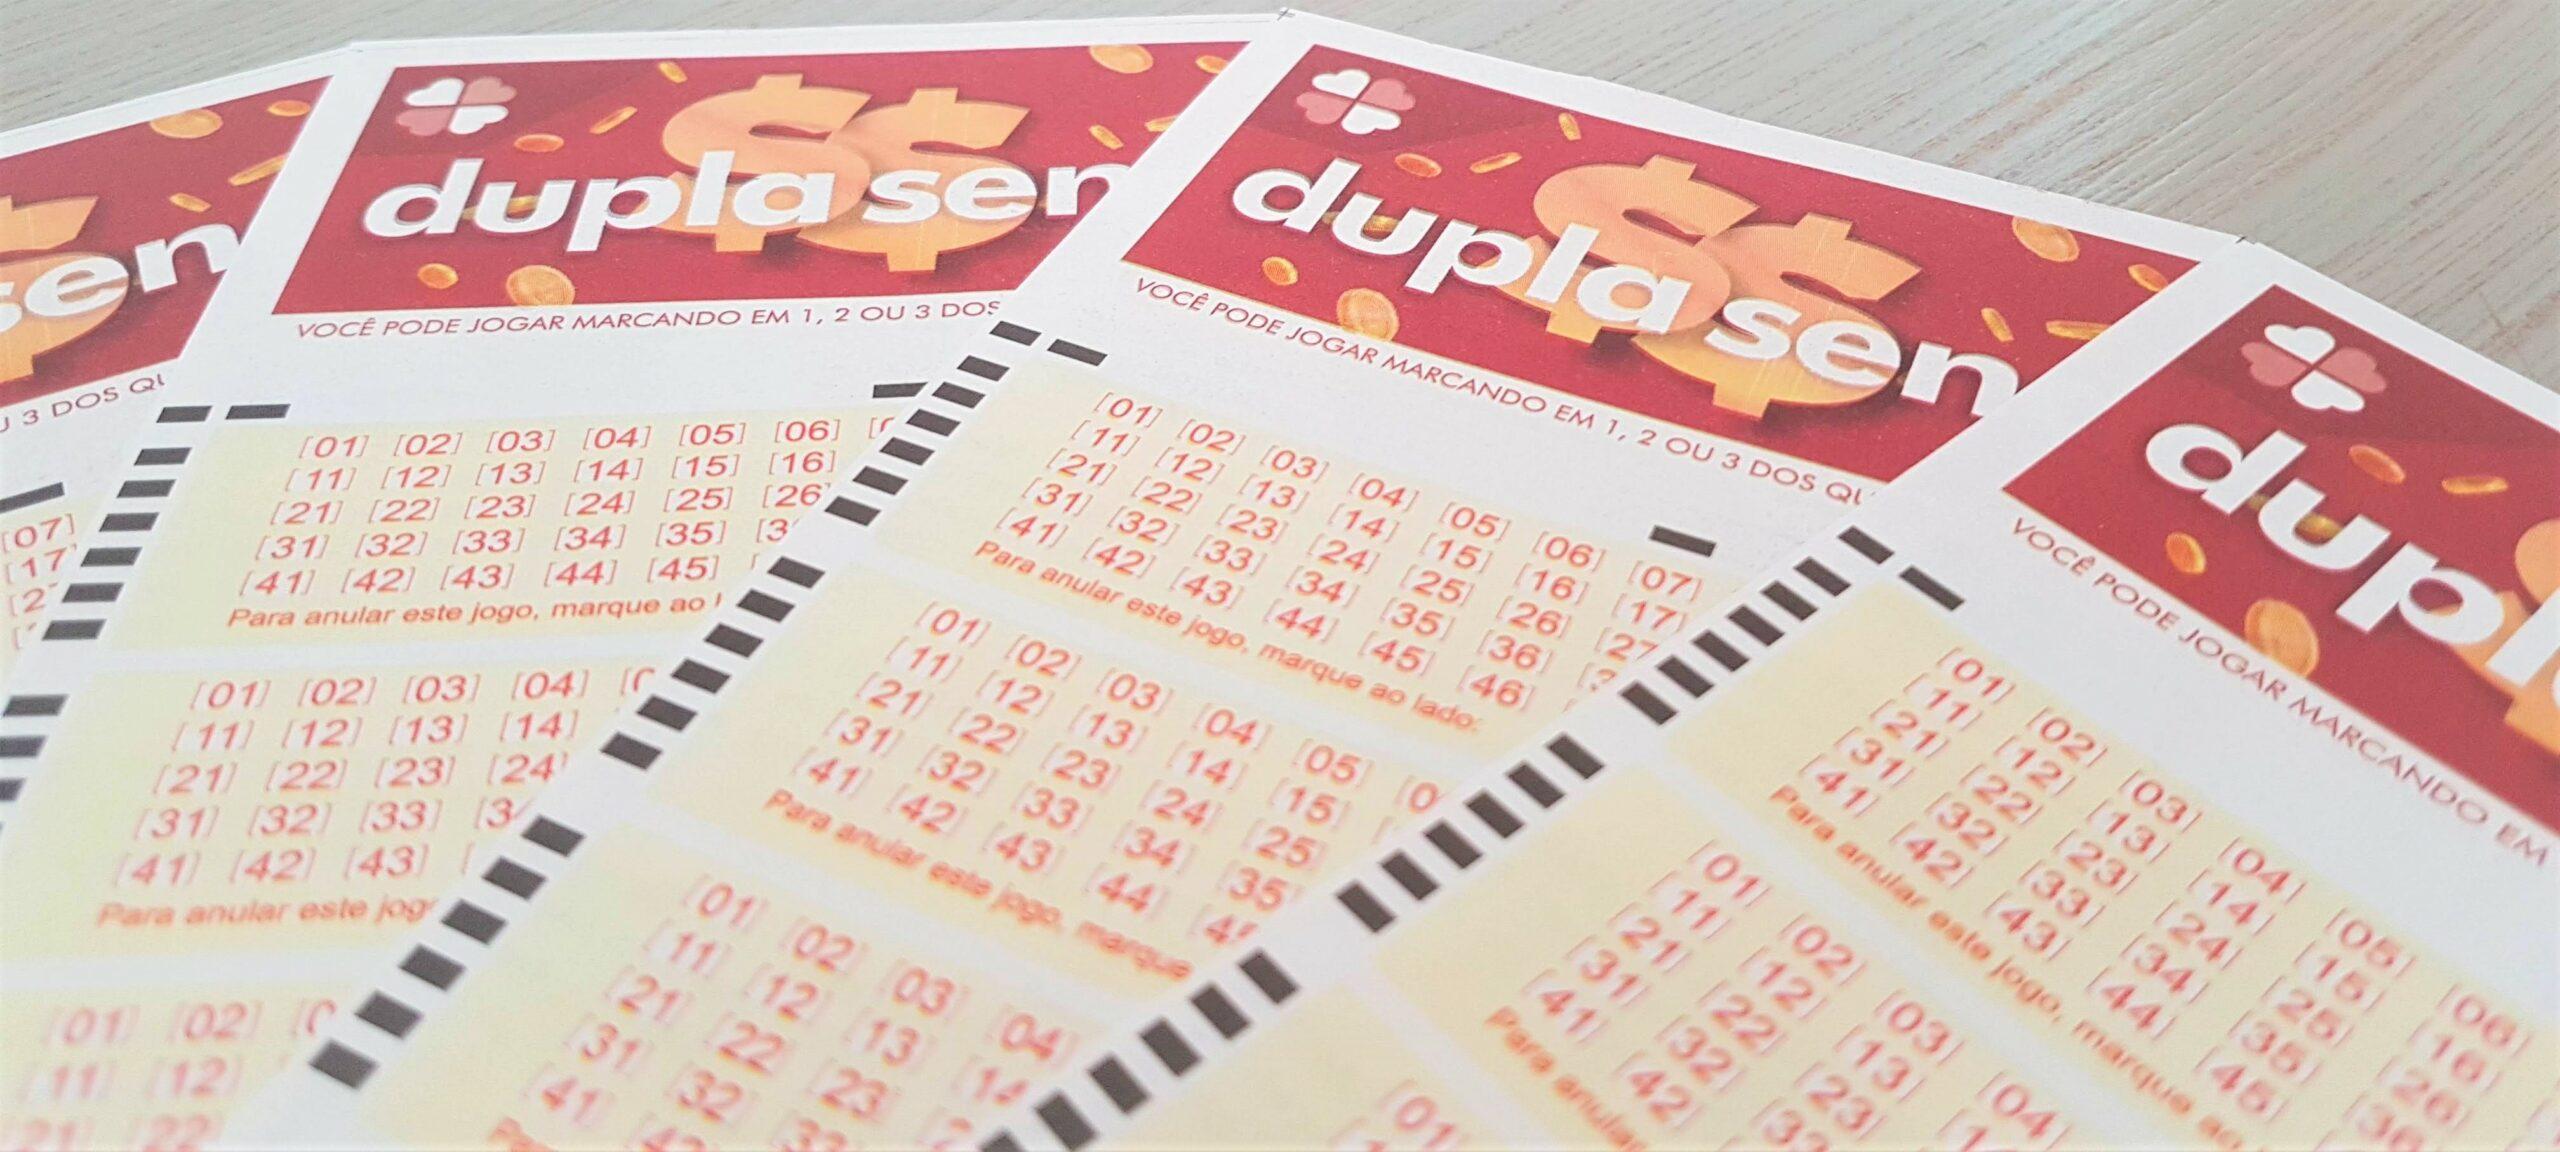 dupla sena 2162 - bilhetes da dupla sena enfileirados